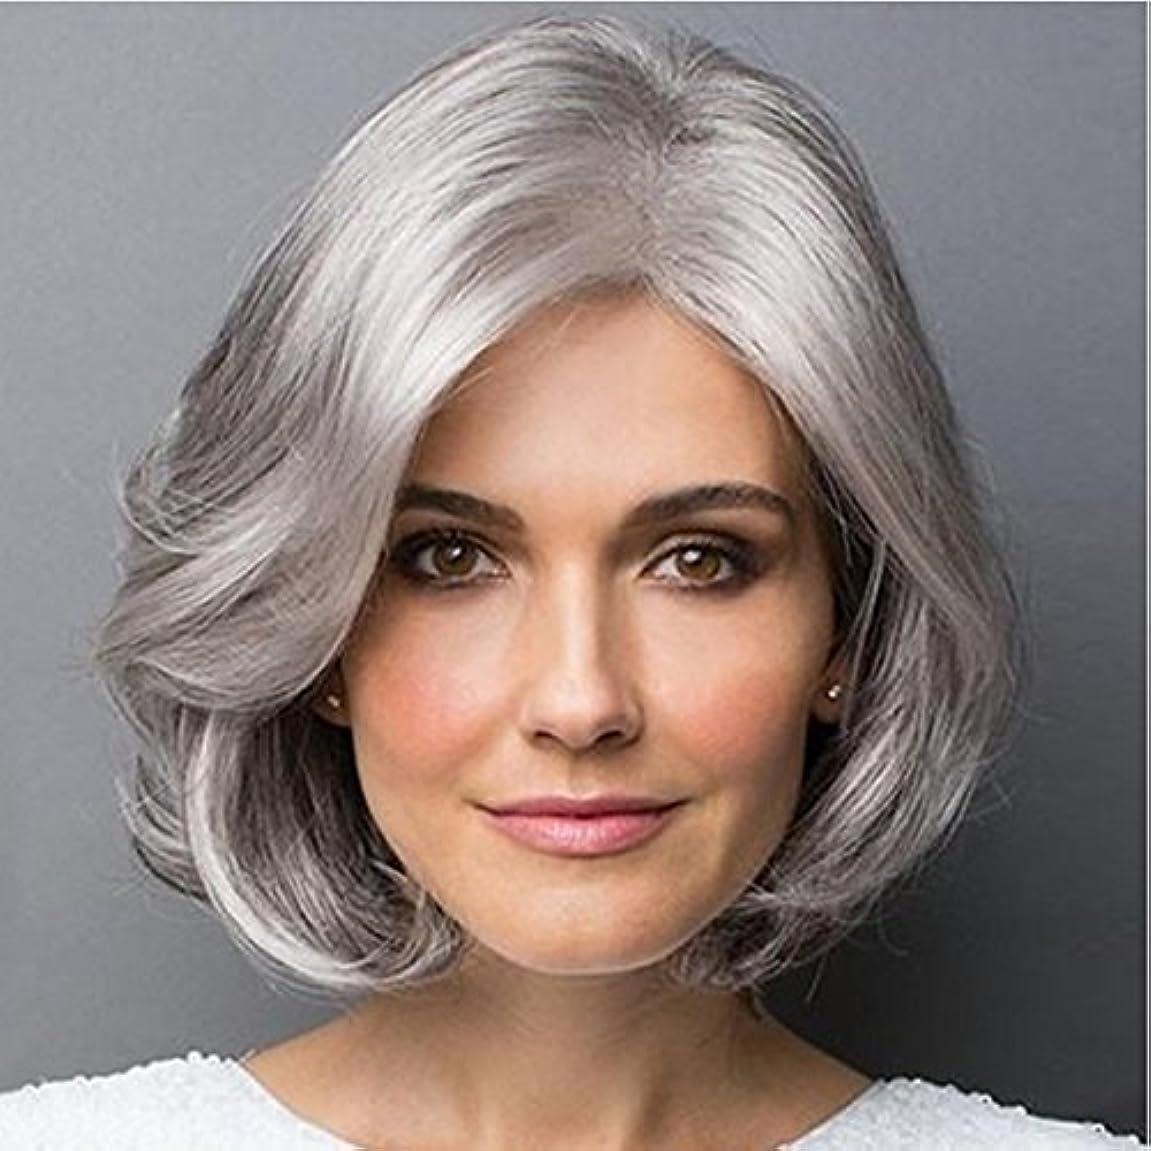 こしょう絞る施設YOUQIU 斜め前髪マイクロボリュームかつら耐熱ファイバー20センチメートル/ 30センチメートル(シルバーグレー、グラデーションシルバーグレー)かつらと女性のショートヘアのための合成カーリーヘアウィッグ (色 : Silver...